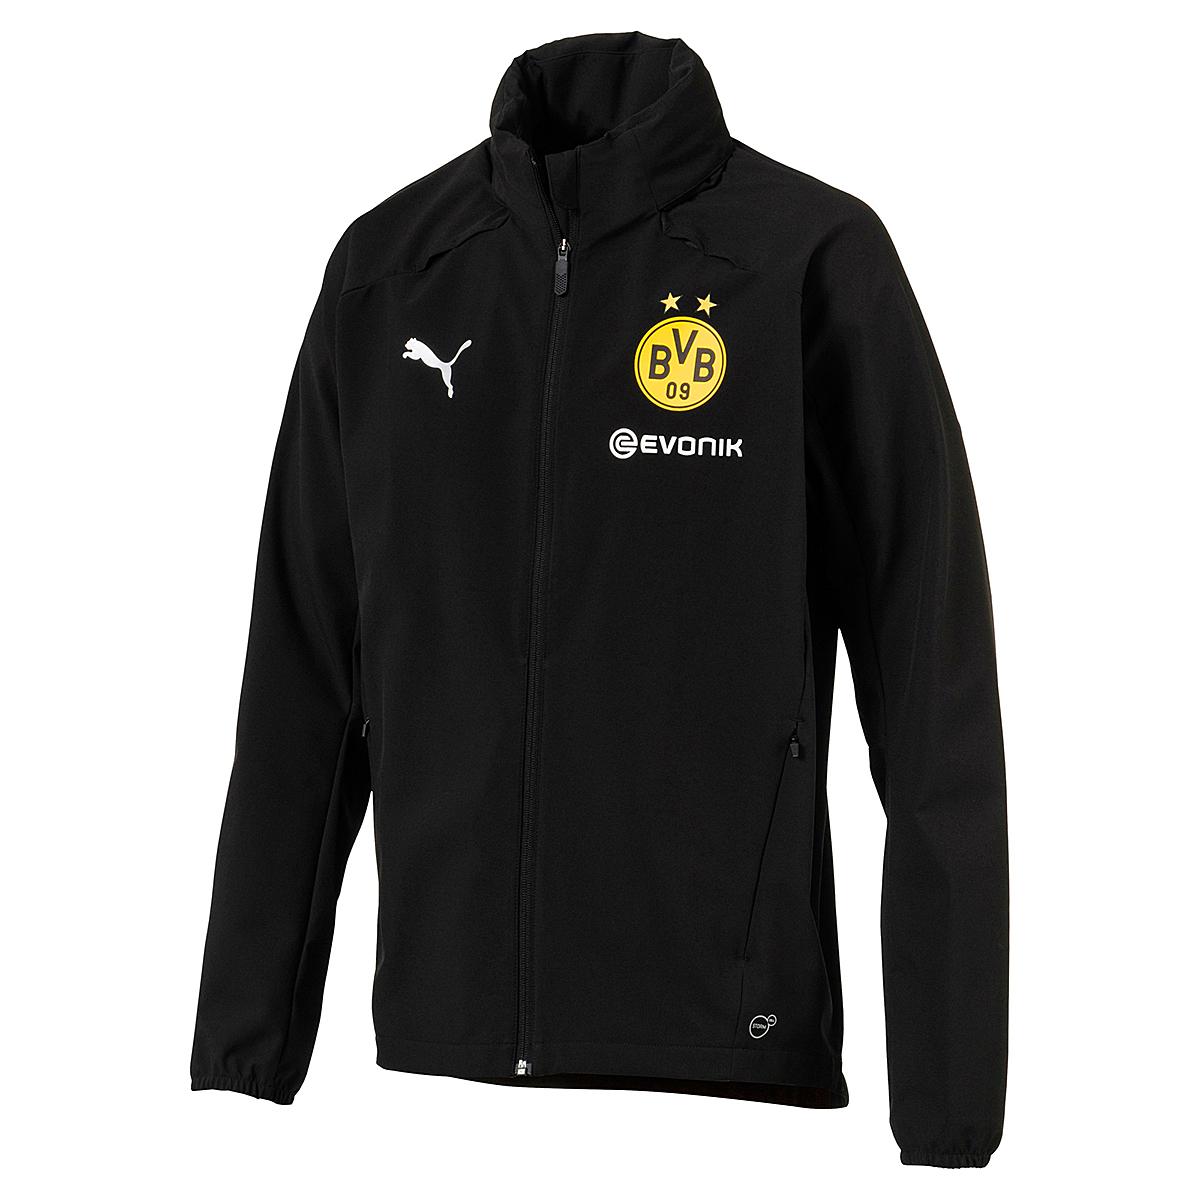 Puma BVB Borussia Dortmund Herren Regenjacke Rain Jacket